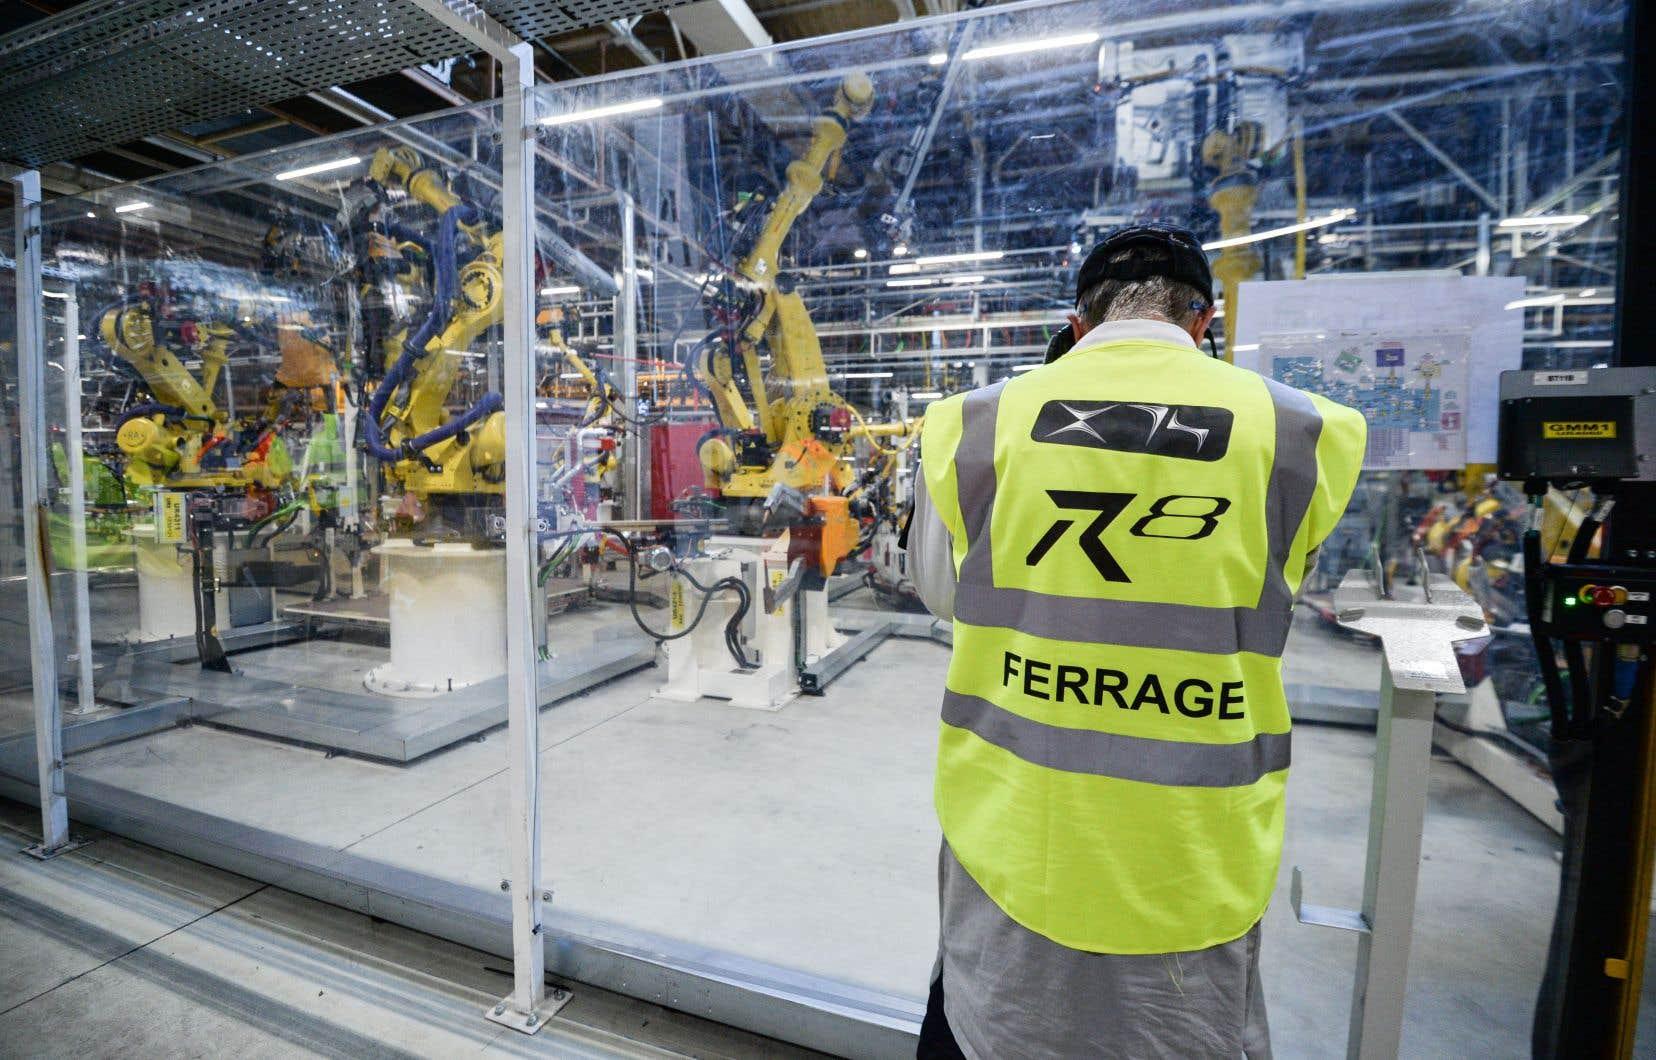 Selon un rapport de l'OCDE, 32% des emplois dans les pays membres de l'organisme pourraient être transformés avec l'automatisation des tâches et la multiplication des machines dans le monde du travail au cours des vingt prochaines années. Sur la photo, un employé dans une usine de production automobile en France surveille les tâches effectuées par des robots.